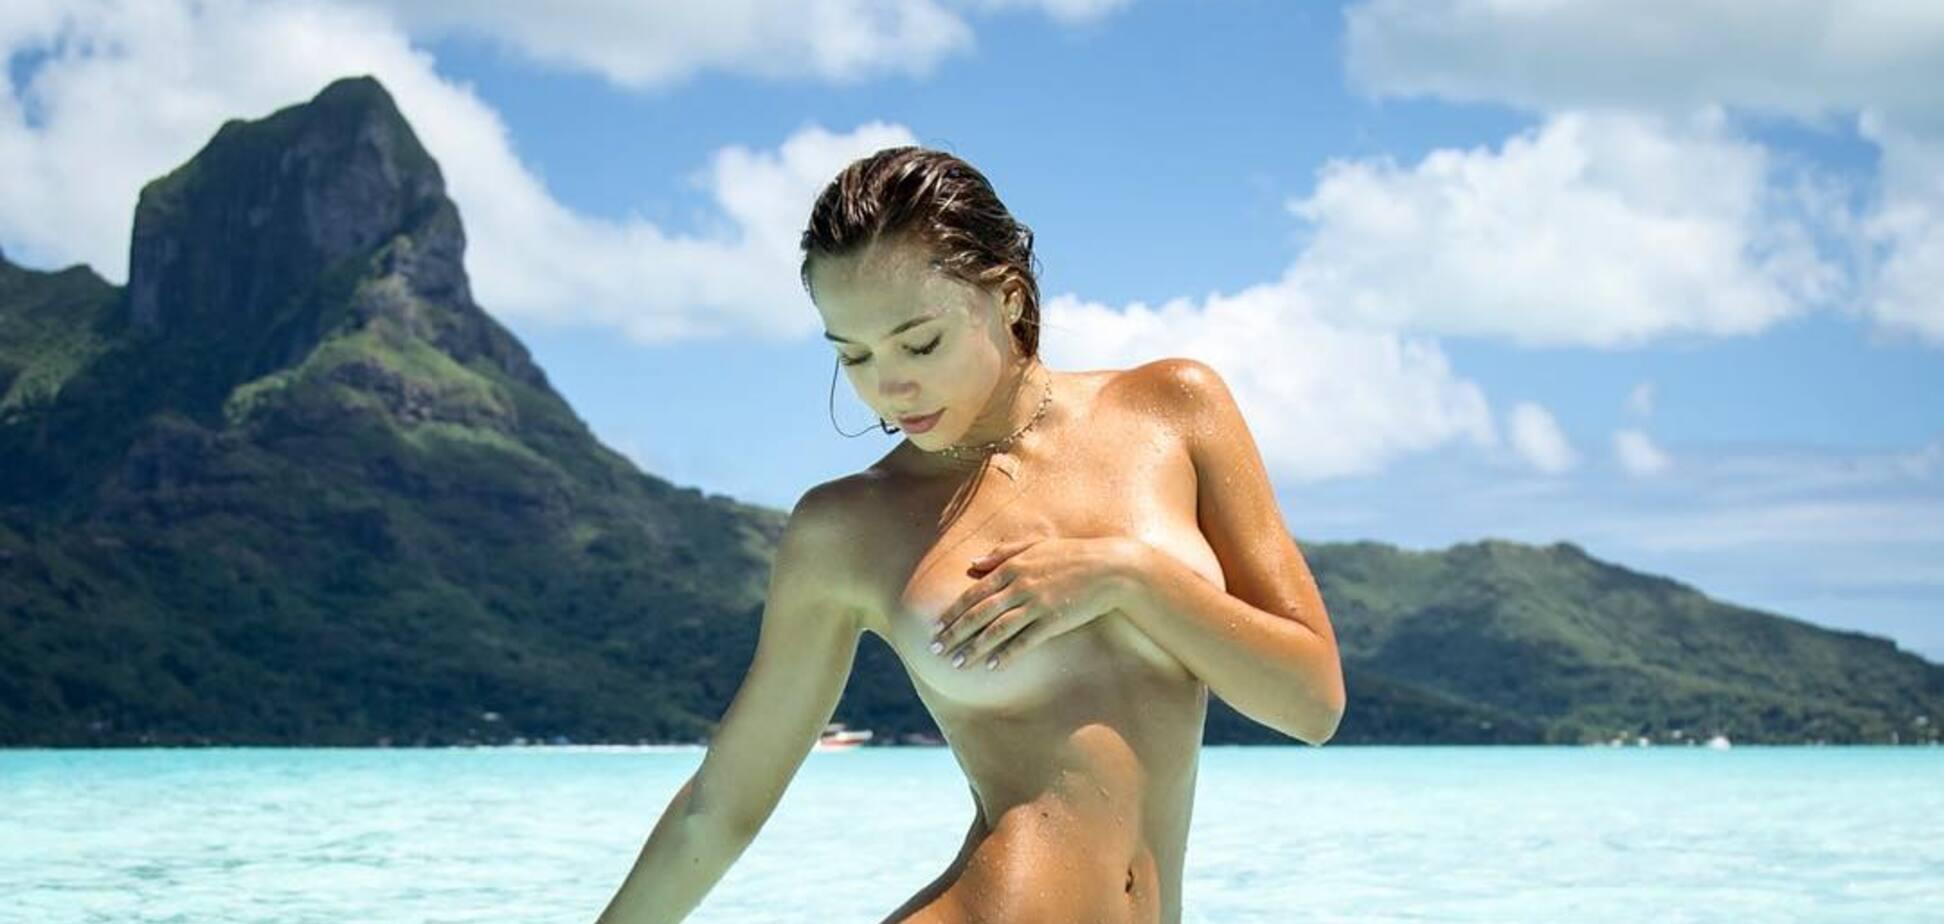 Самая популярная фитнес-модель Instagram снялась полуобнаженной для знаменитого журнала